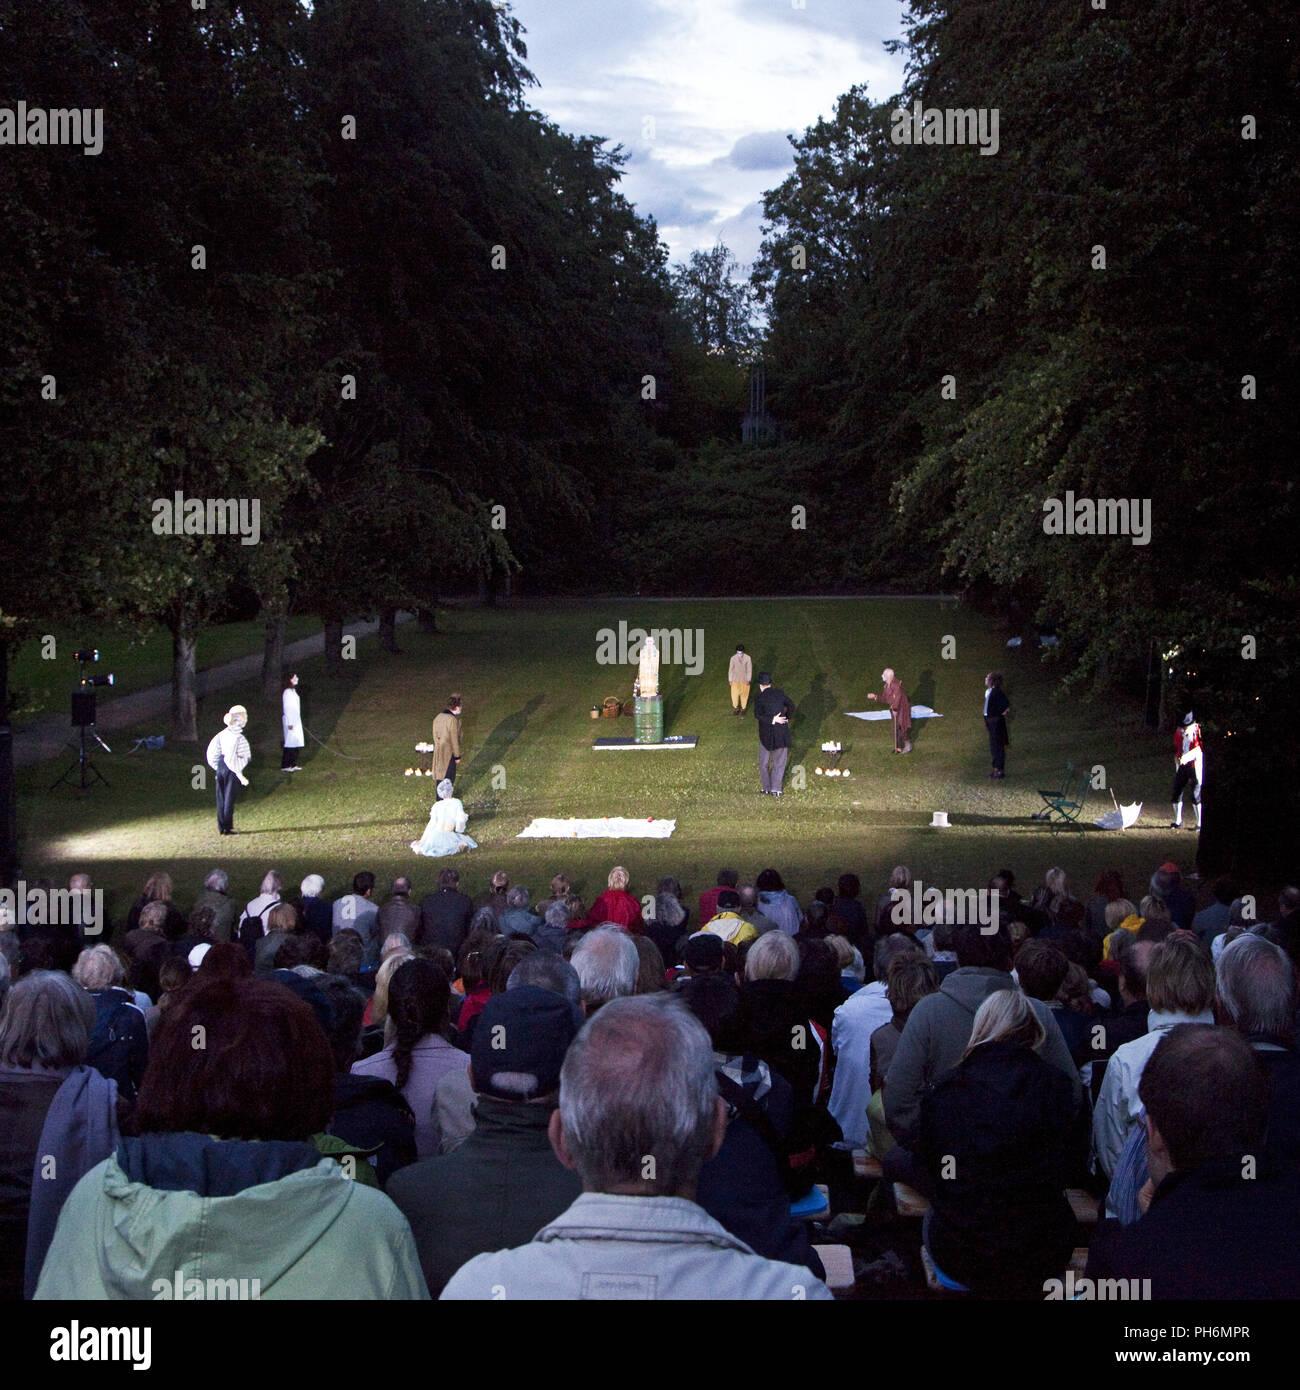 Theater performance White Nights, Muelheim,Germany - Stock Image